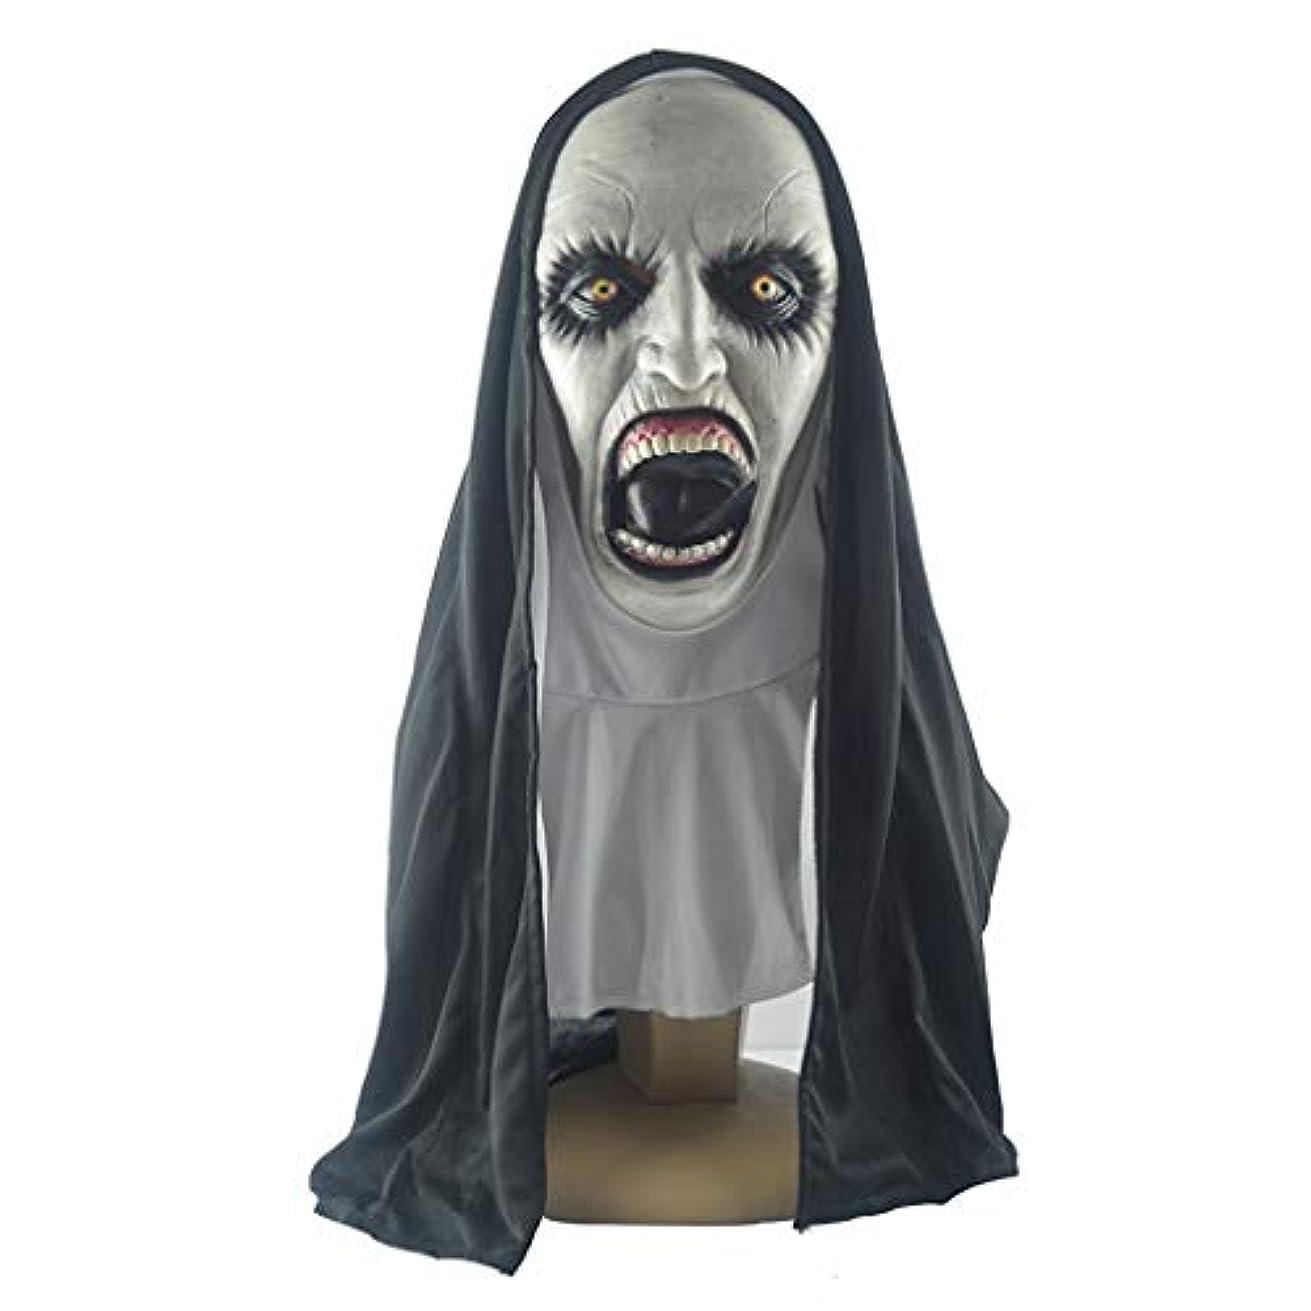 メリーデンマークゴールドホラー修道女ハロウィンマスクハロウィンお化け屋敷顔をしかめる怖い映画の小道具コスプレフェスティバルコスチュームマスクメイクアップパーティーバーパーティーラテックスヘッドギア